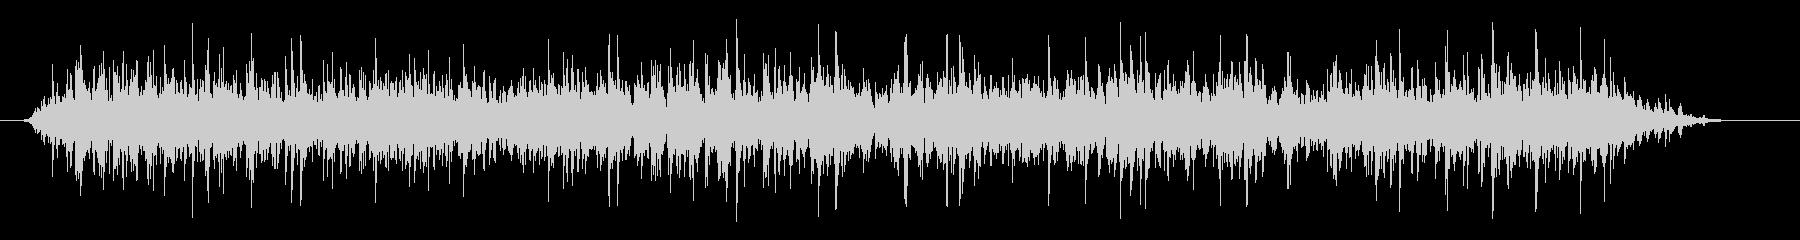 エルロシオエルポシトの未再生の波形